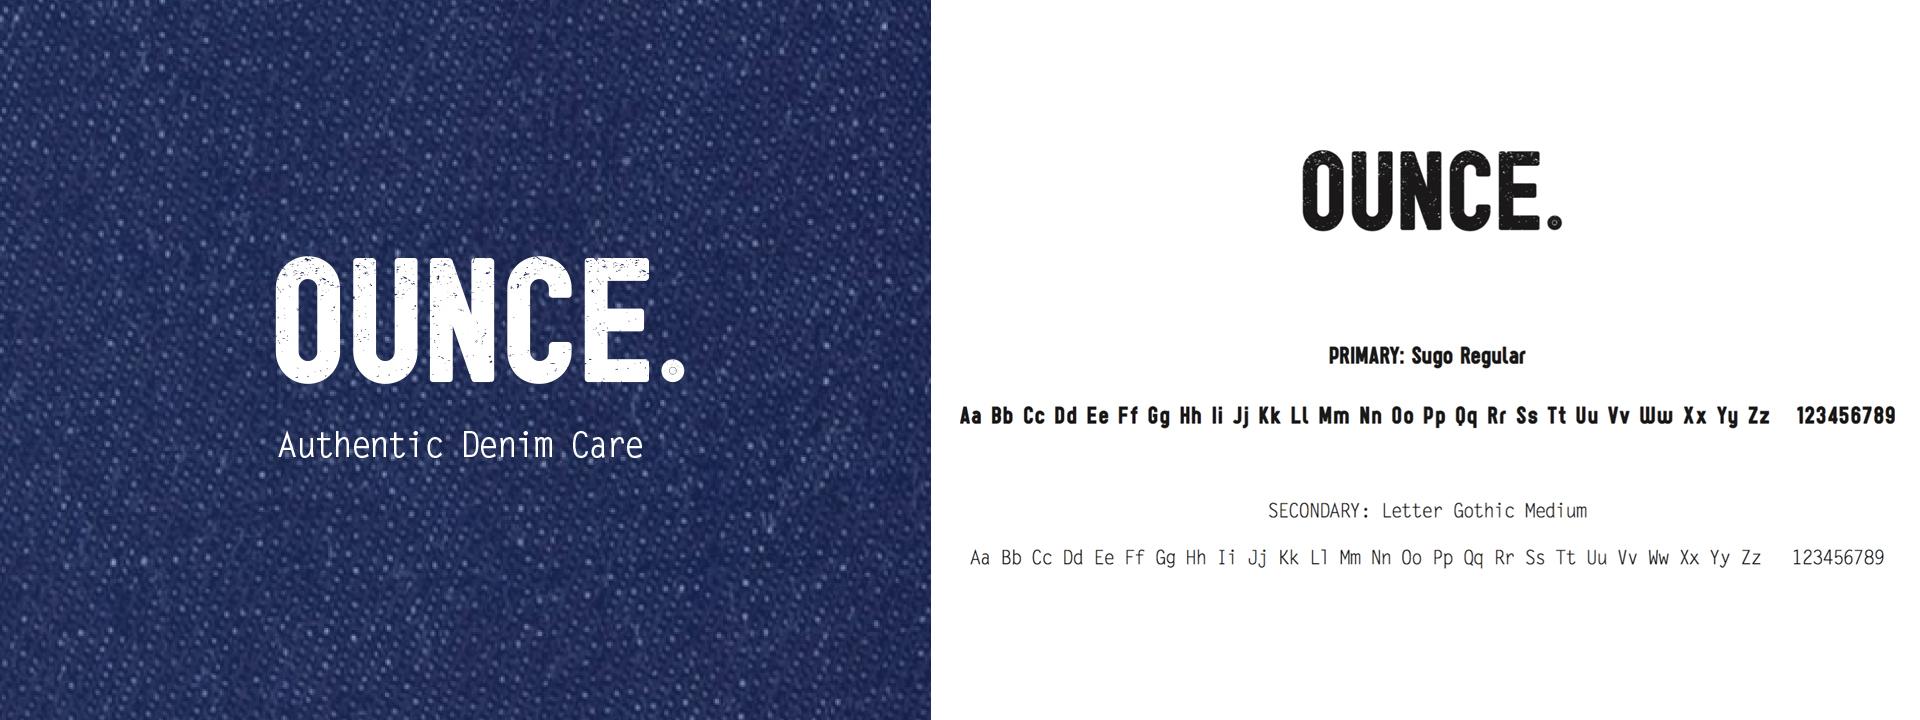 OUNCE.logo copy.jpg